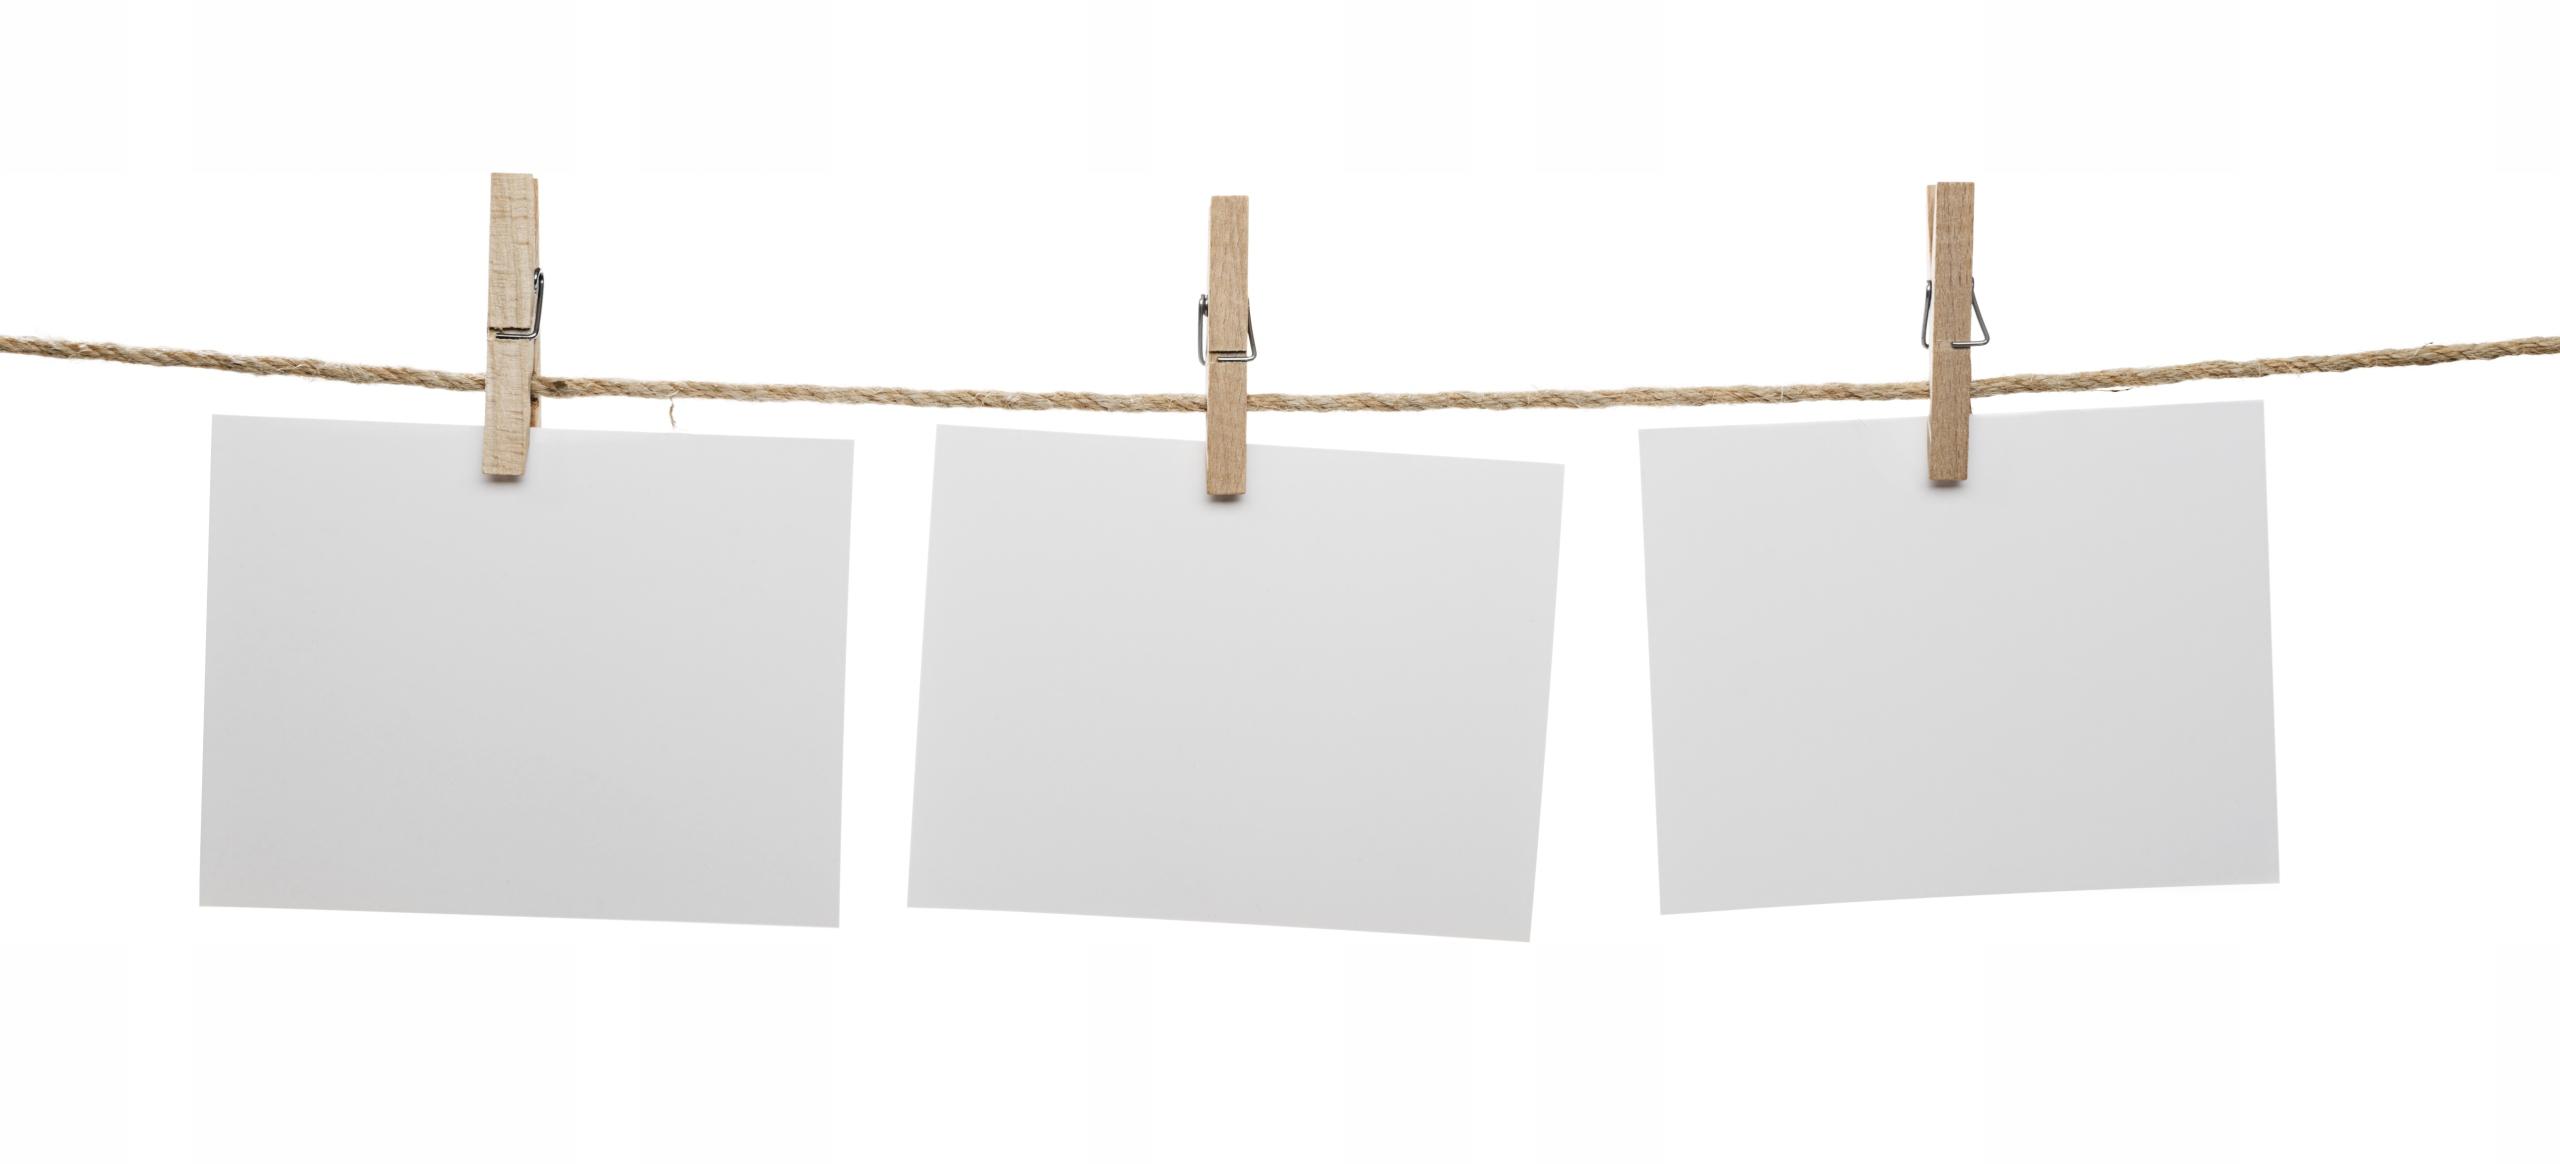 шаблоны фотки на прищепках на прозрачном фоне период